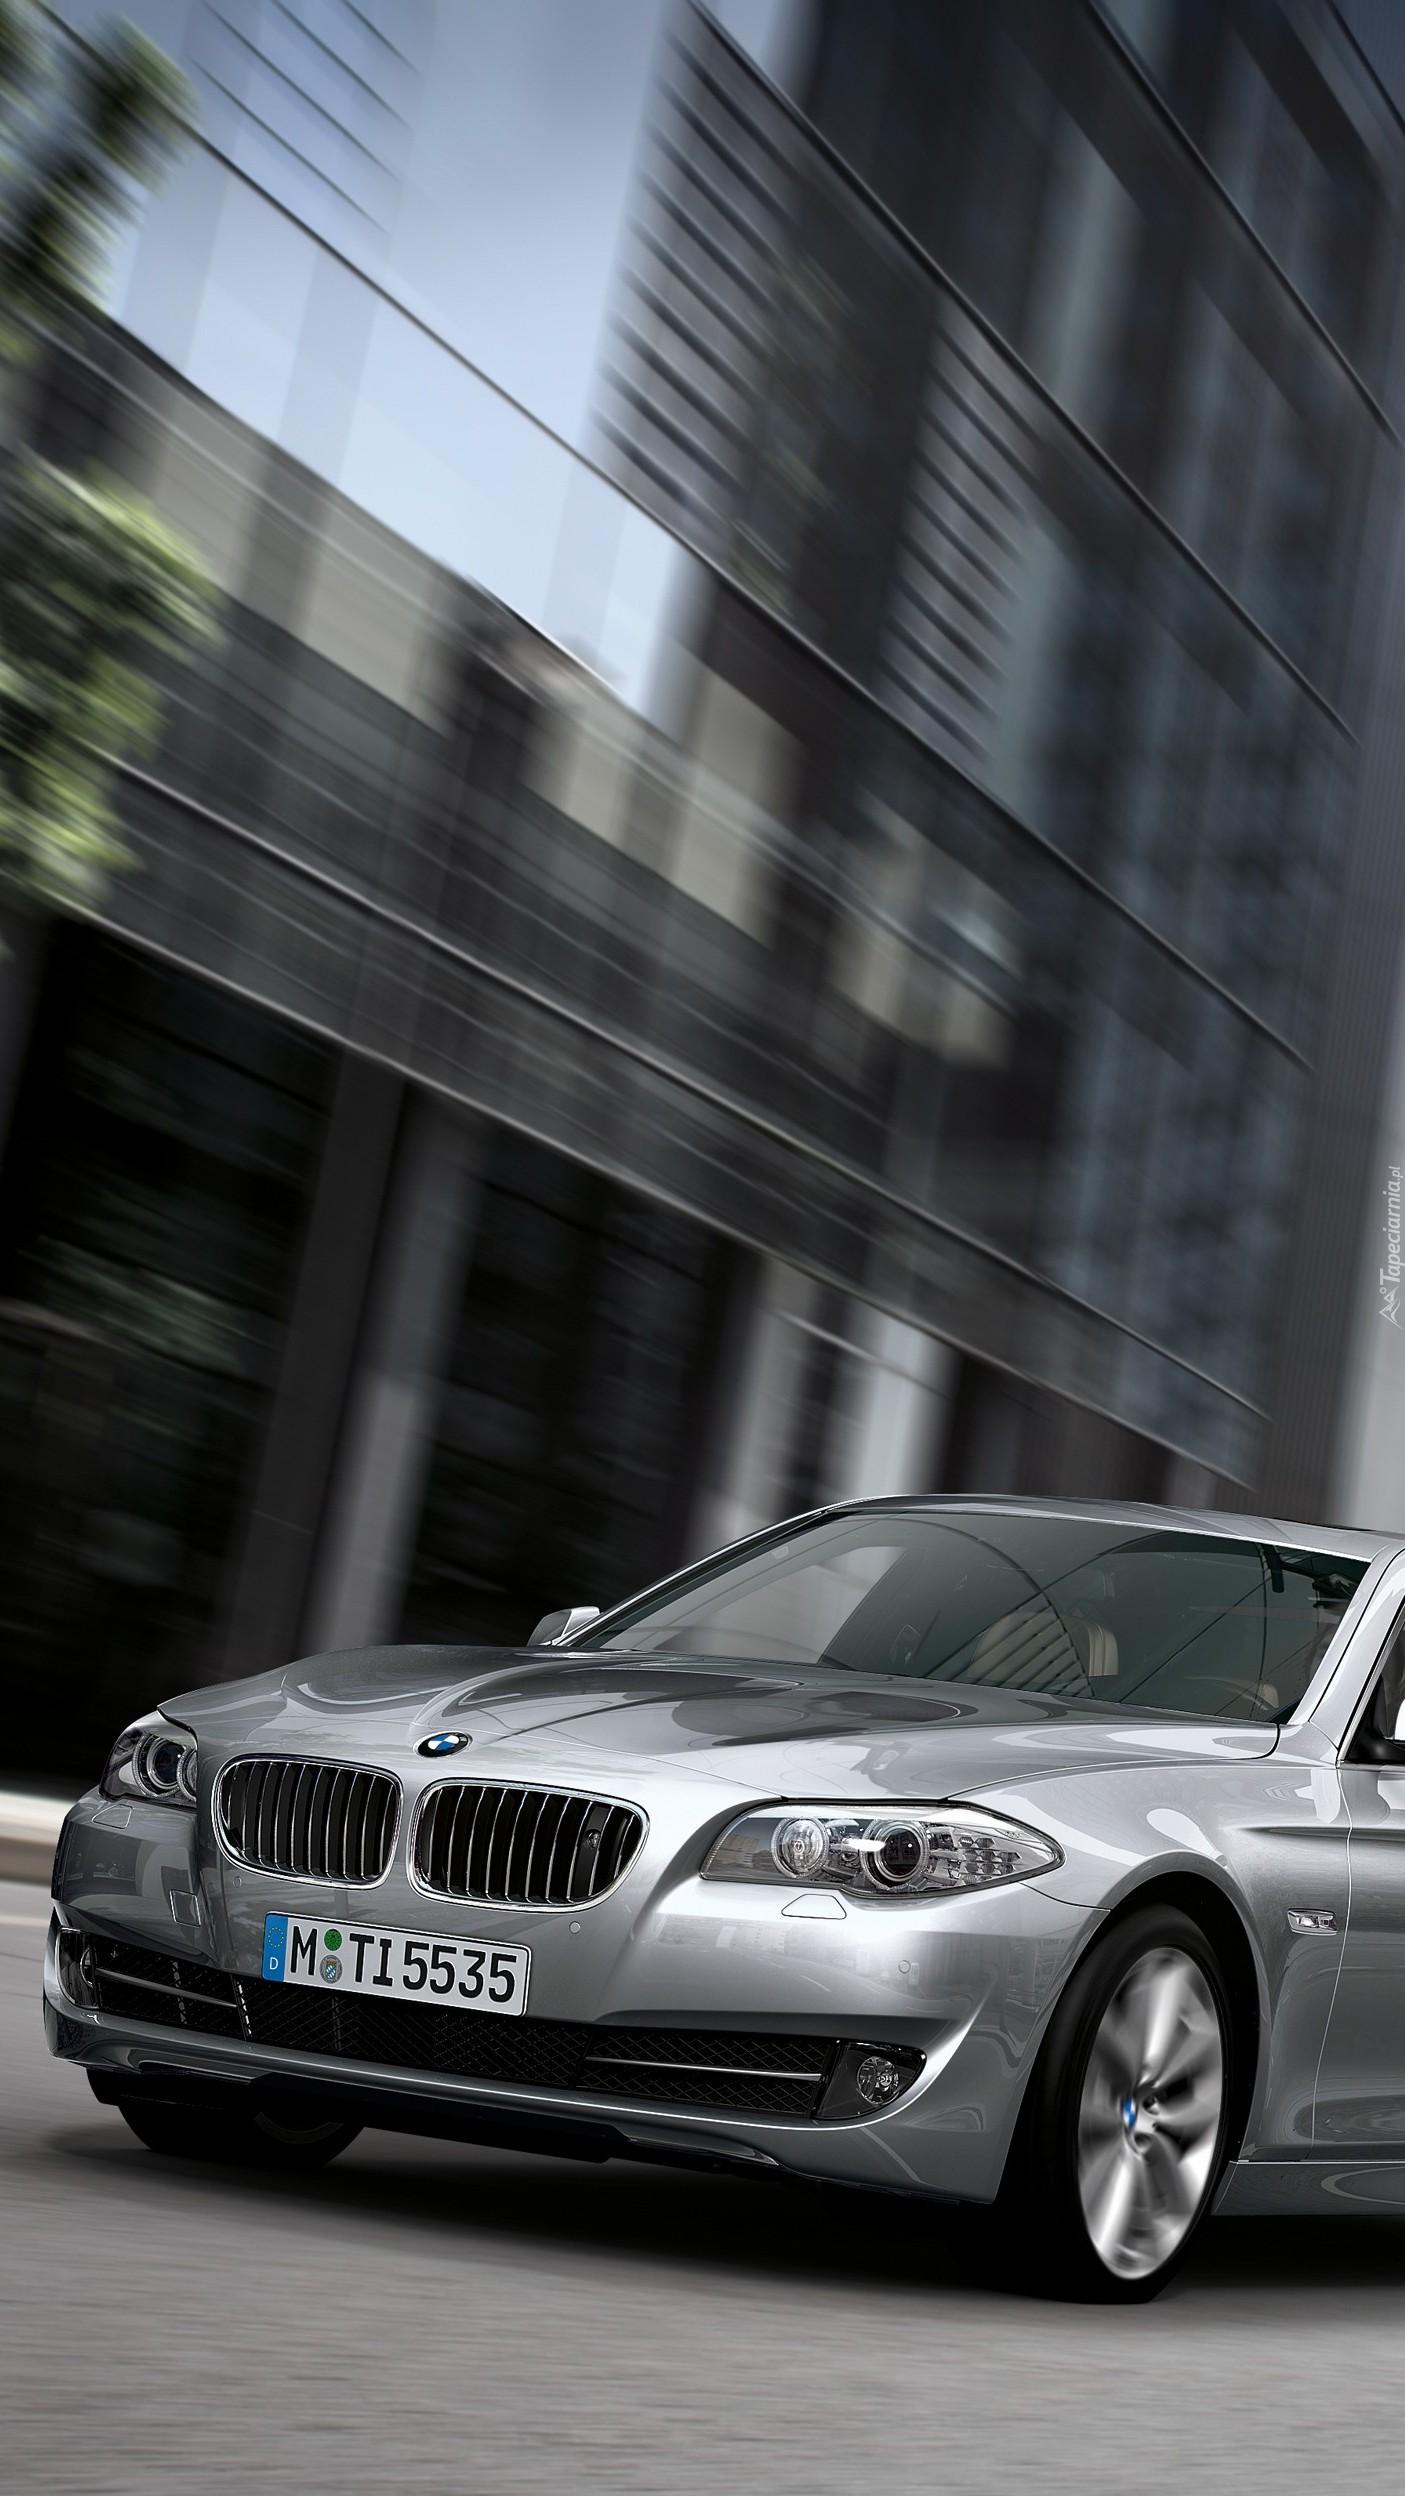 Srebne BMW w mieście